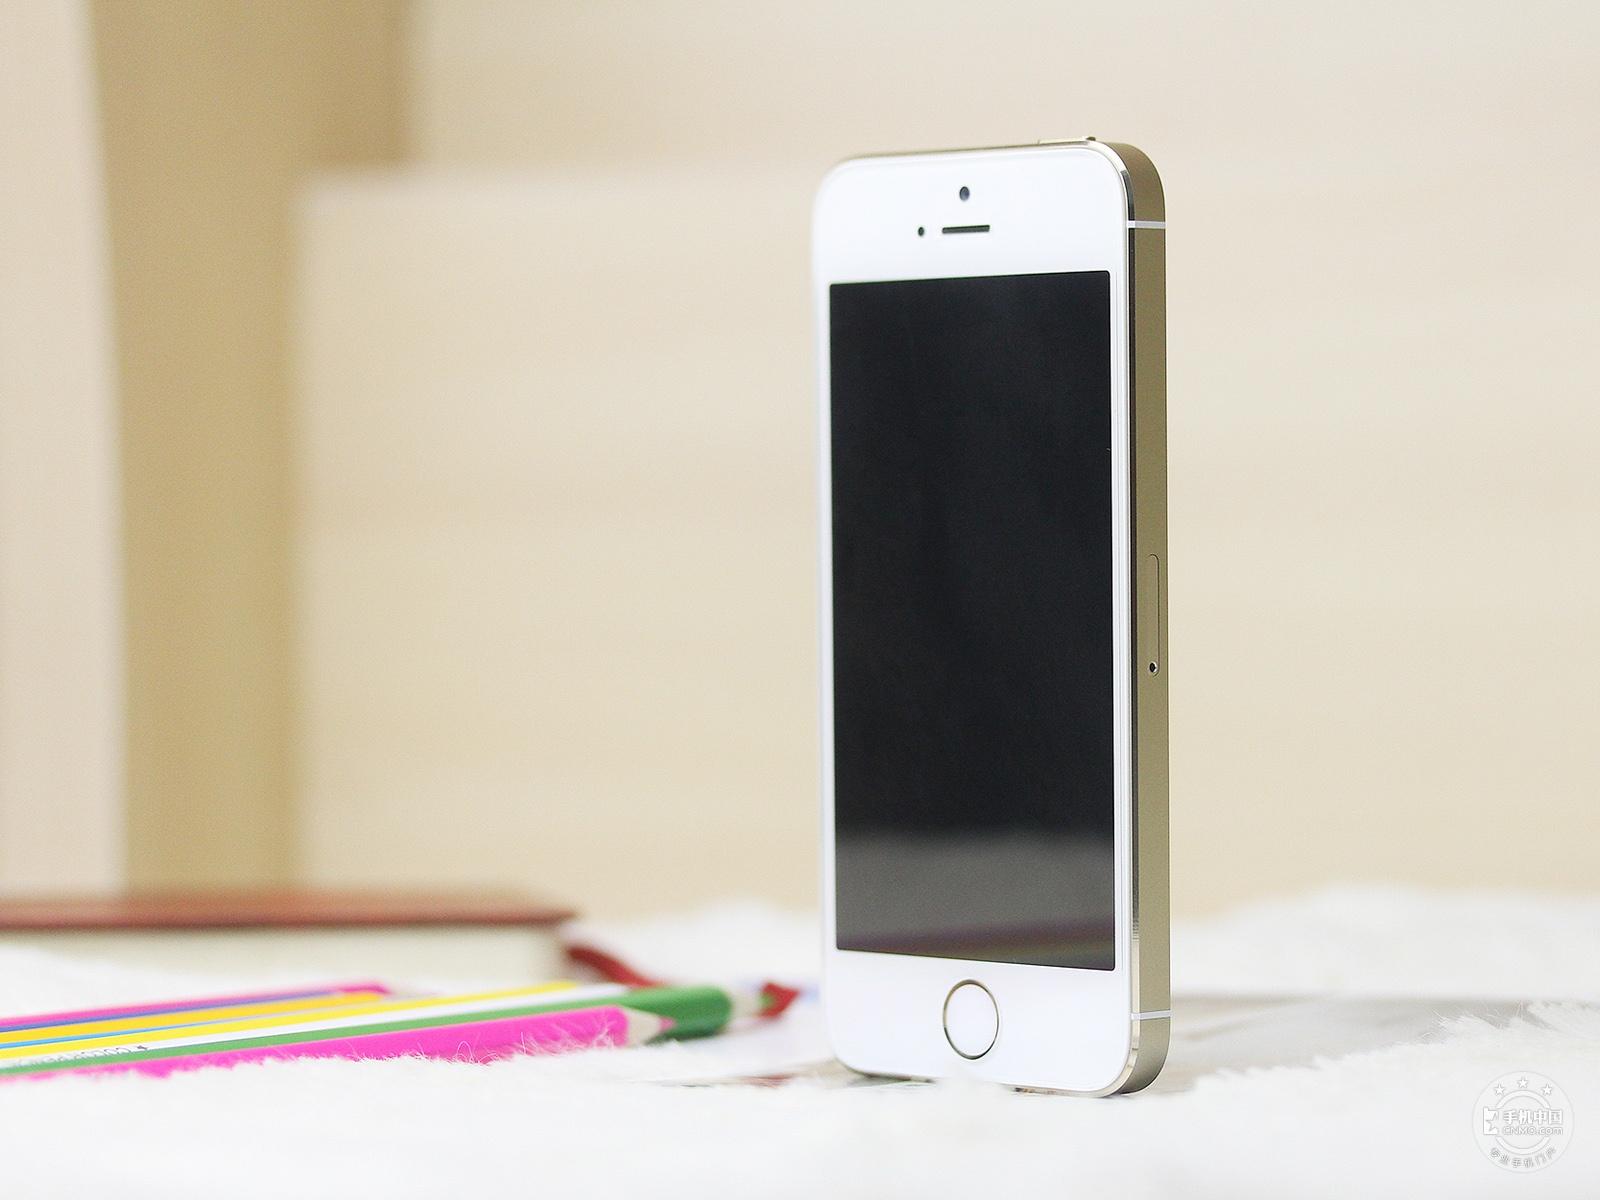 苹果iPhone5s(电信版)整体外观第2张